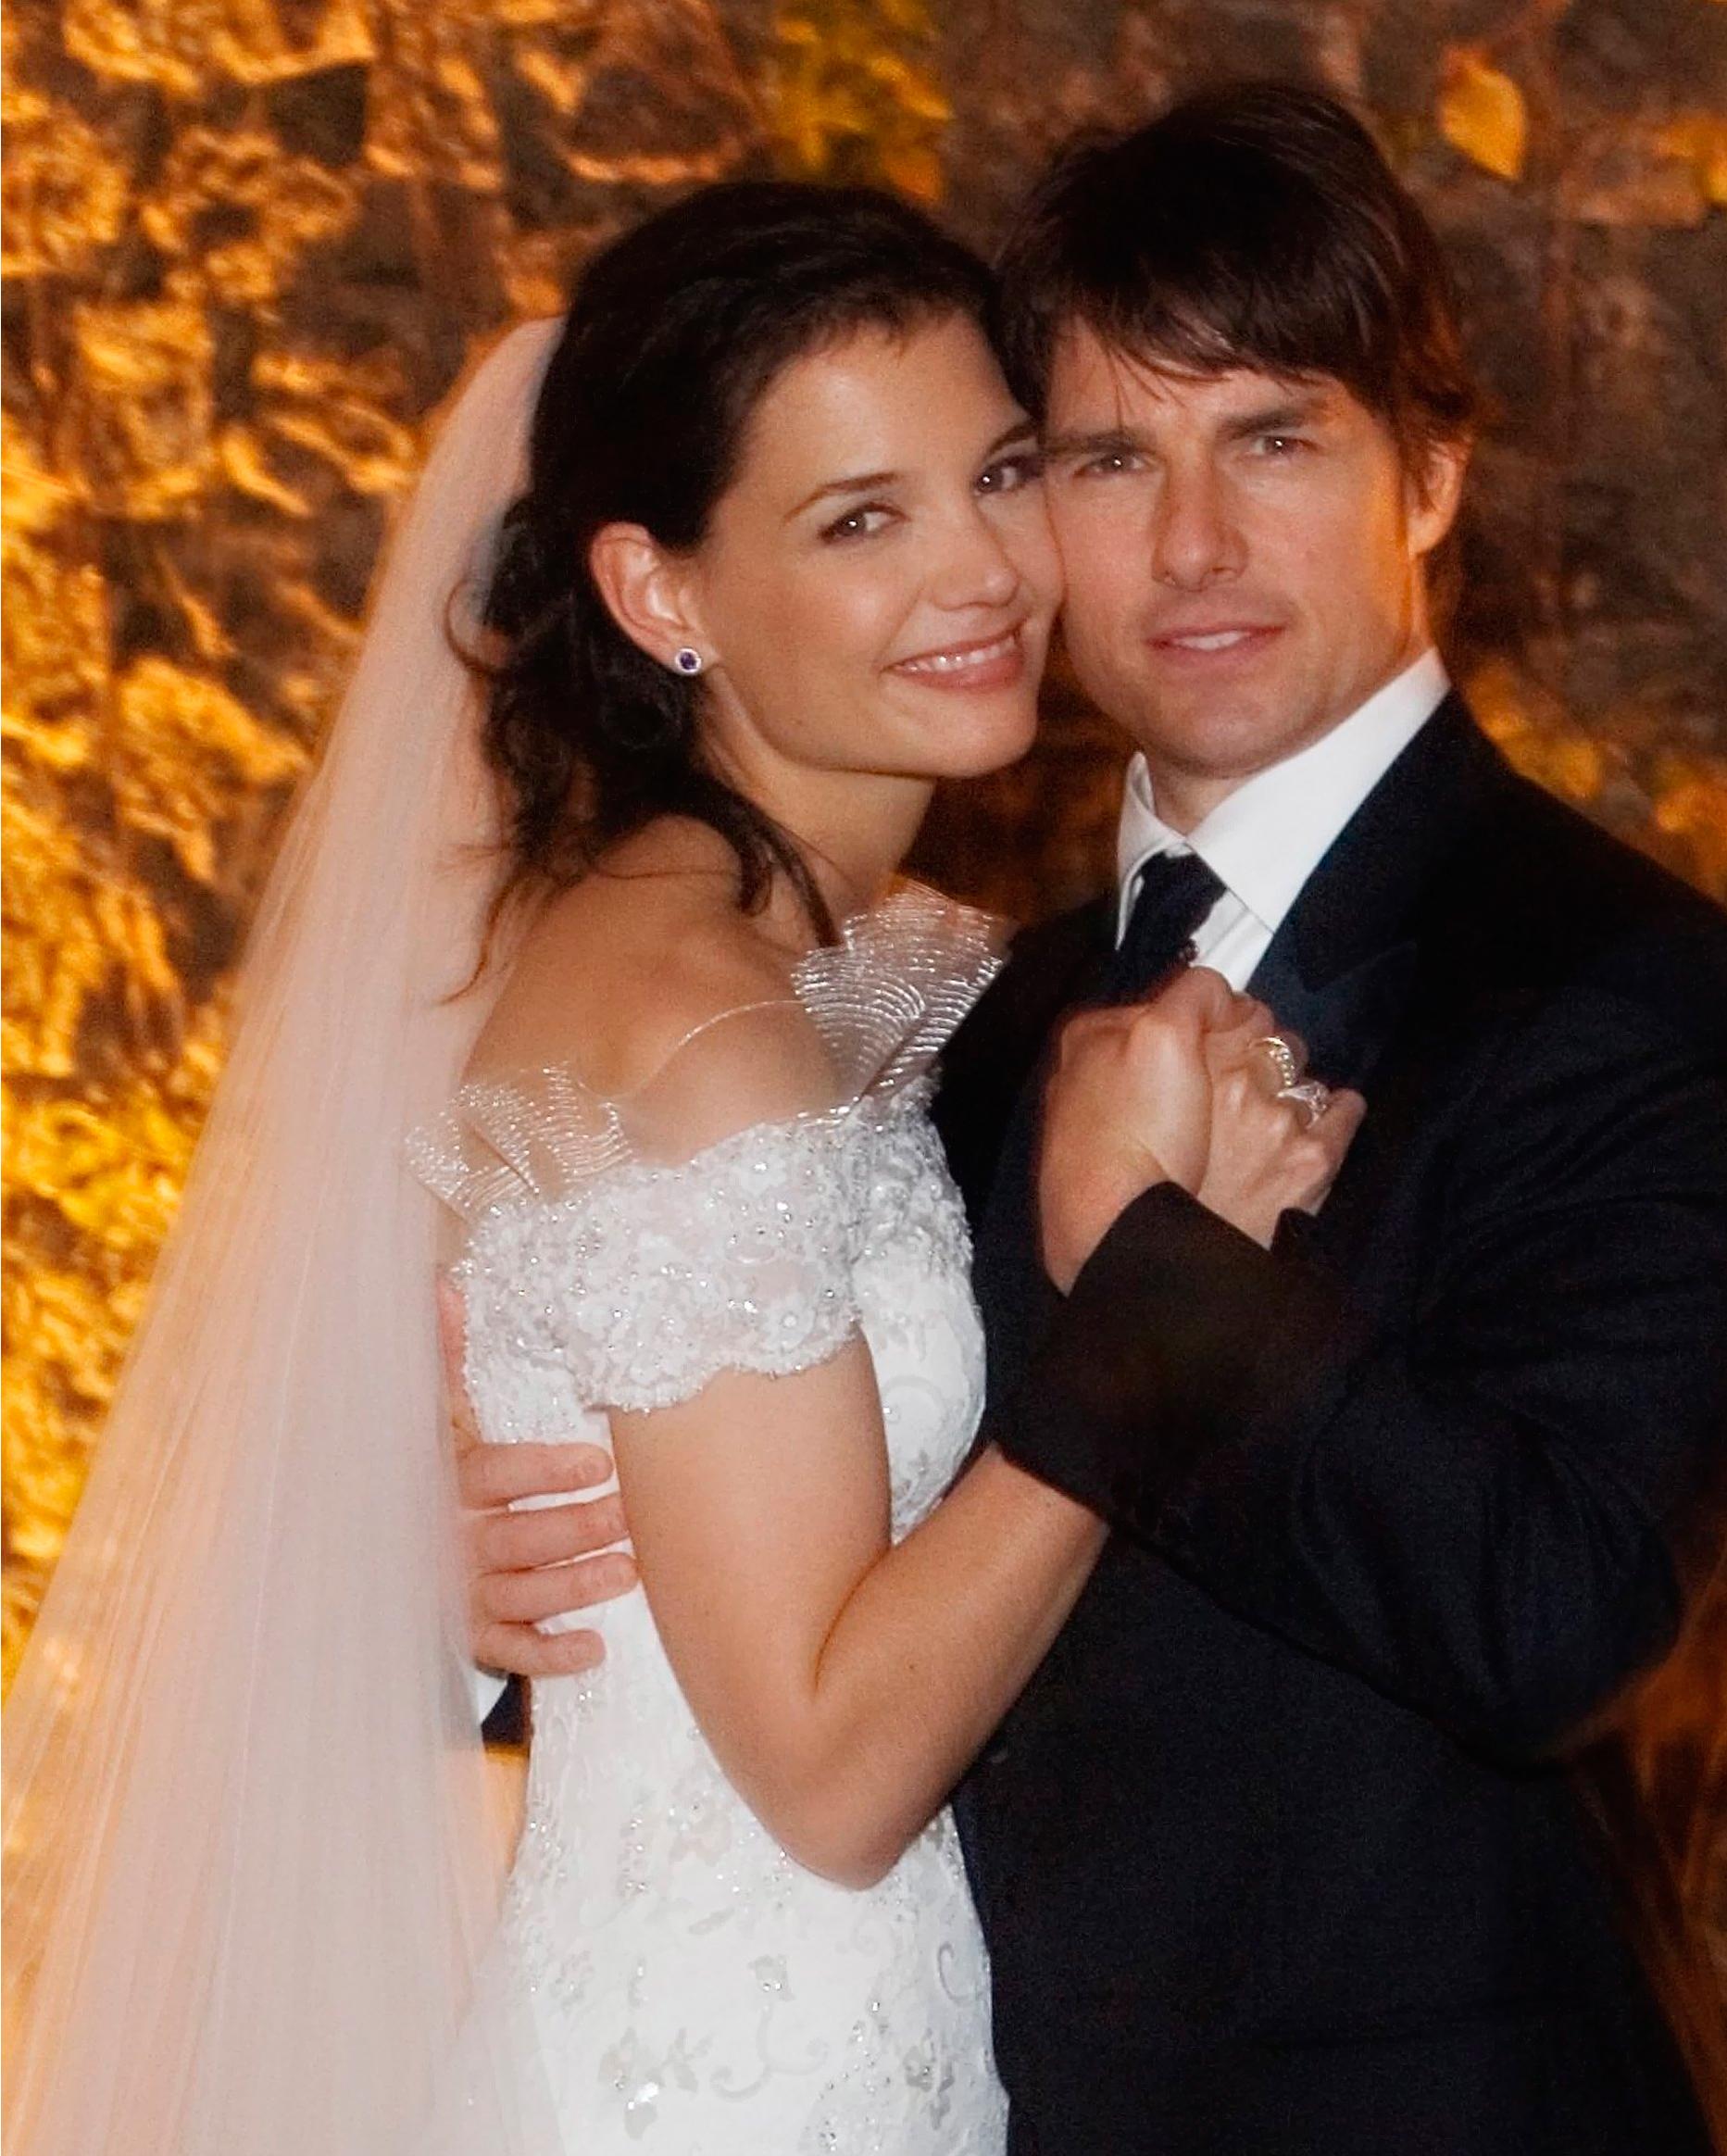 celebrity-brides-veils-katie-holmes-tom-cruise-0615.jpg